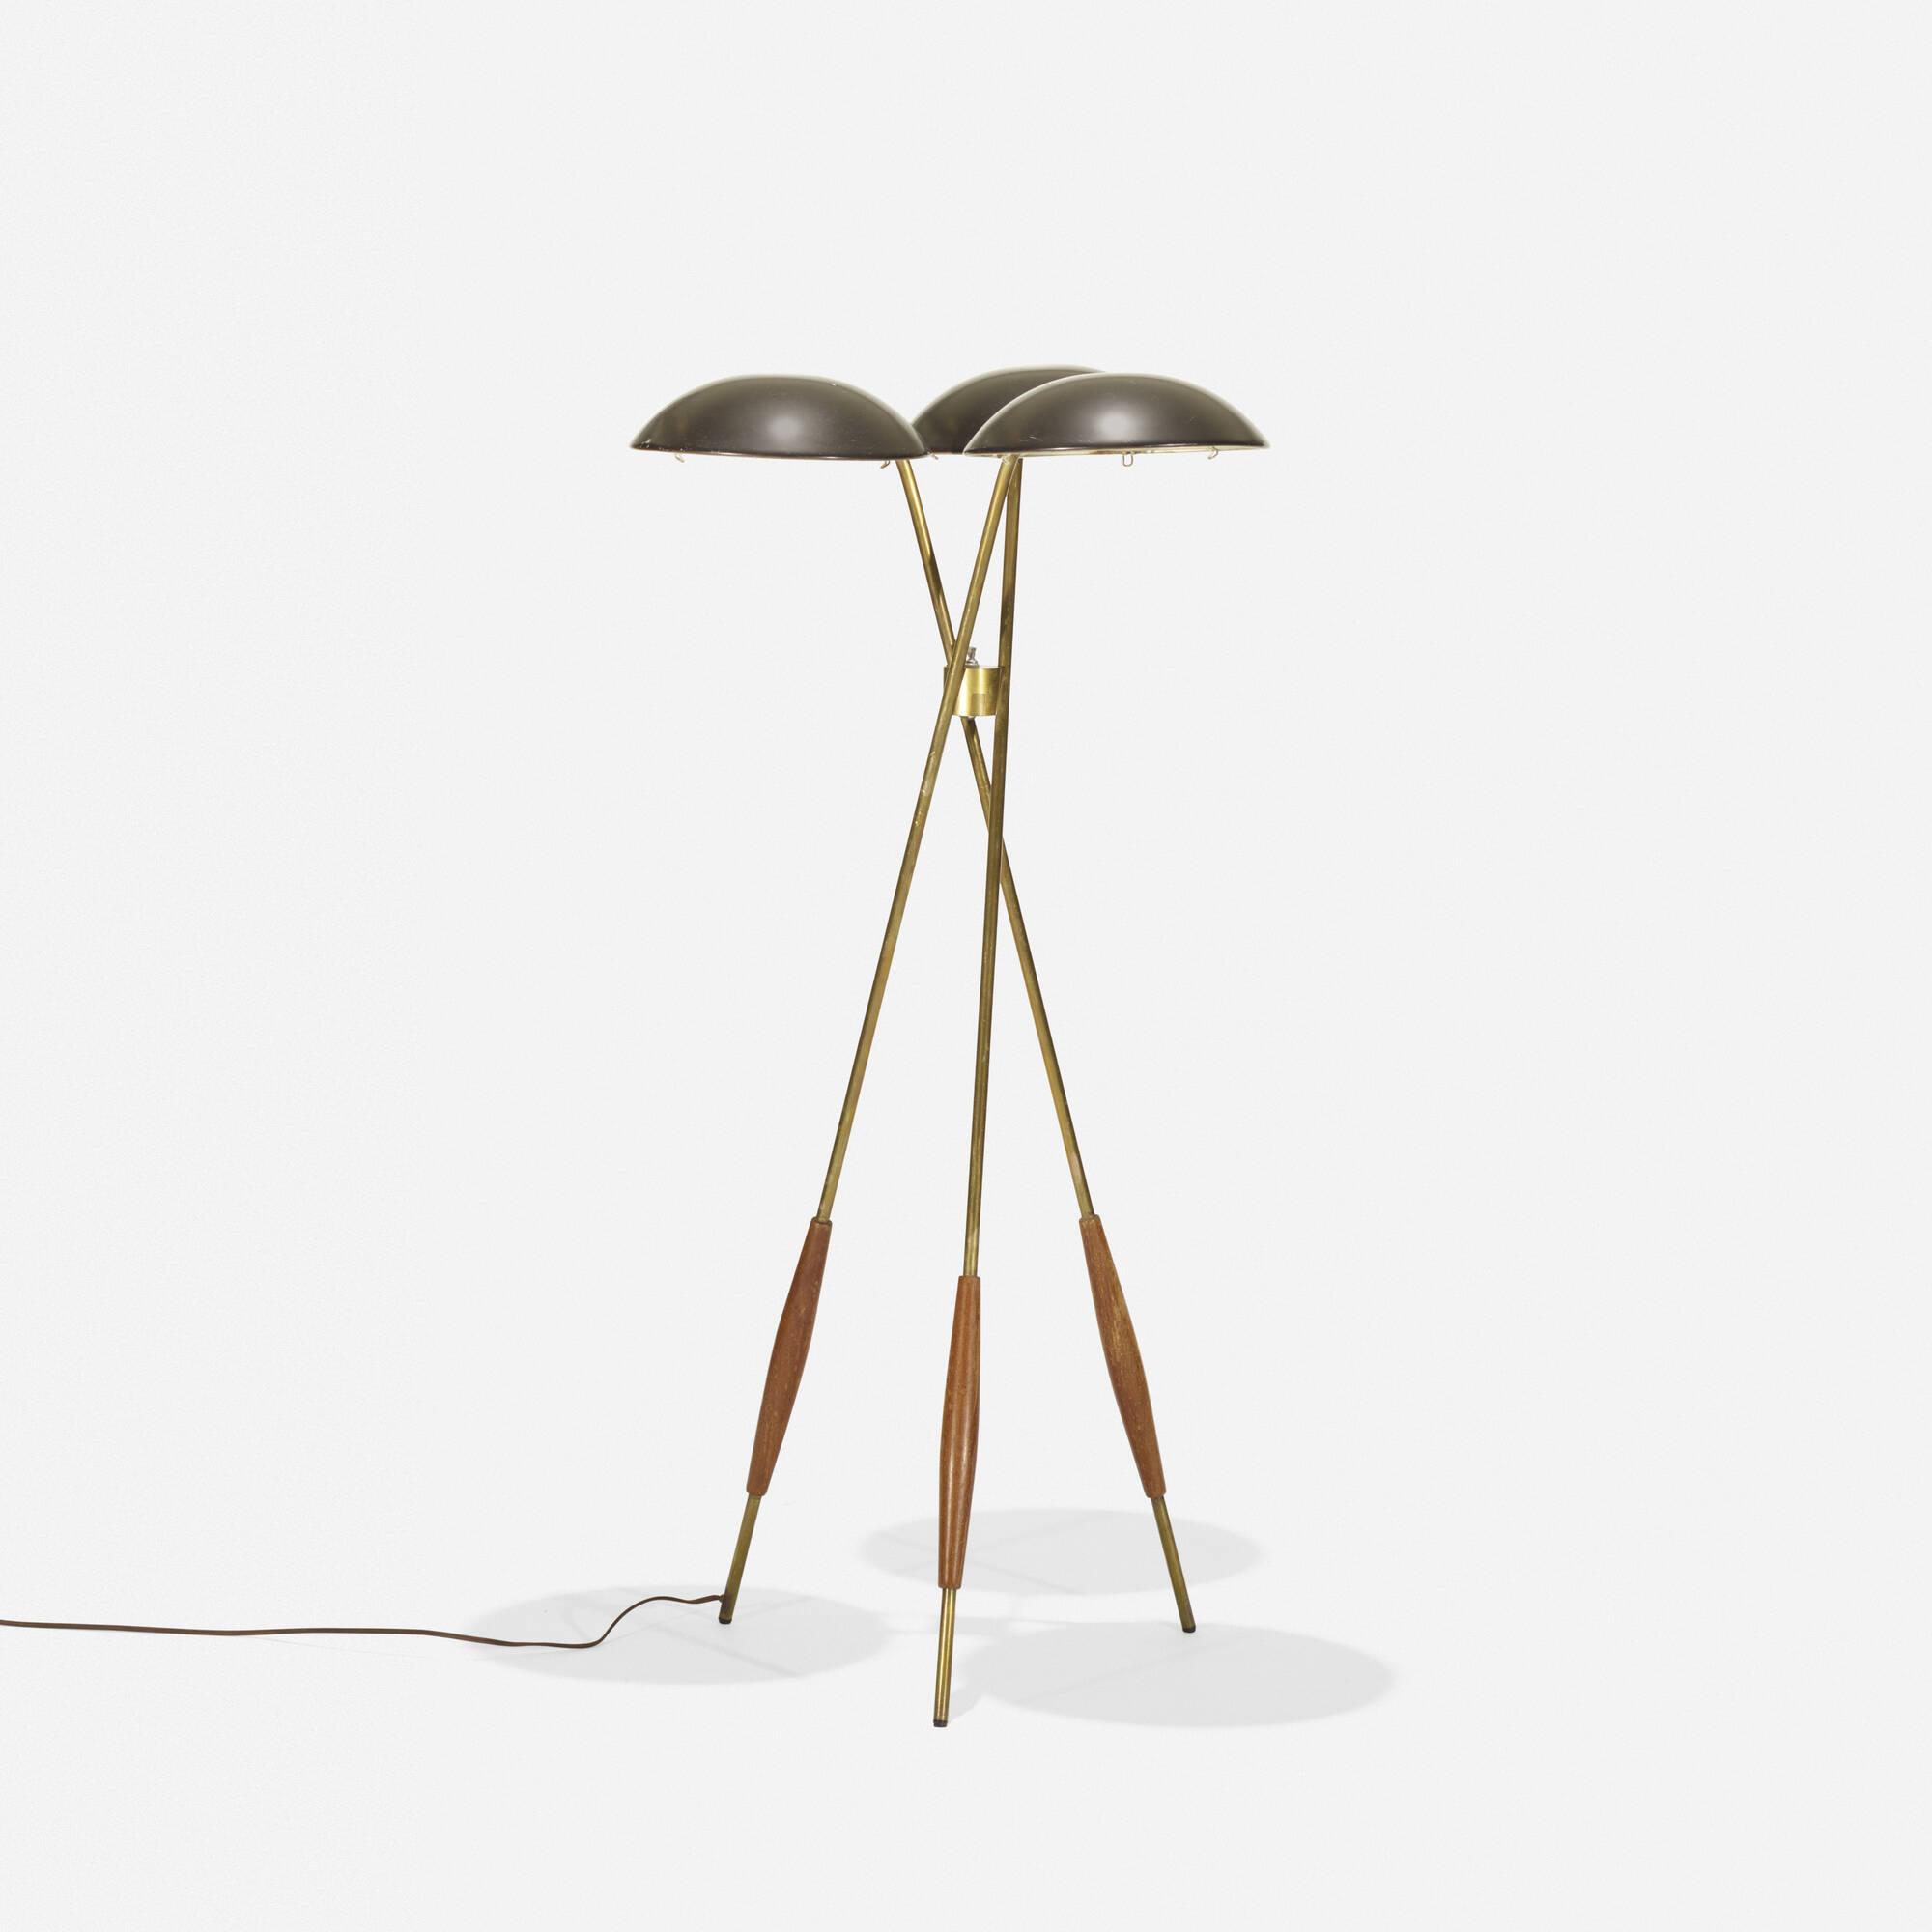 193: Gerald Thurston / floor lamp (1 of 3)